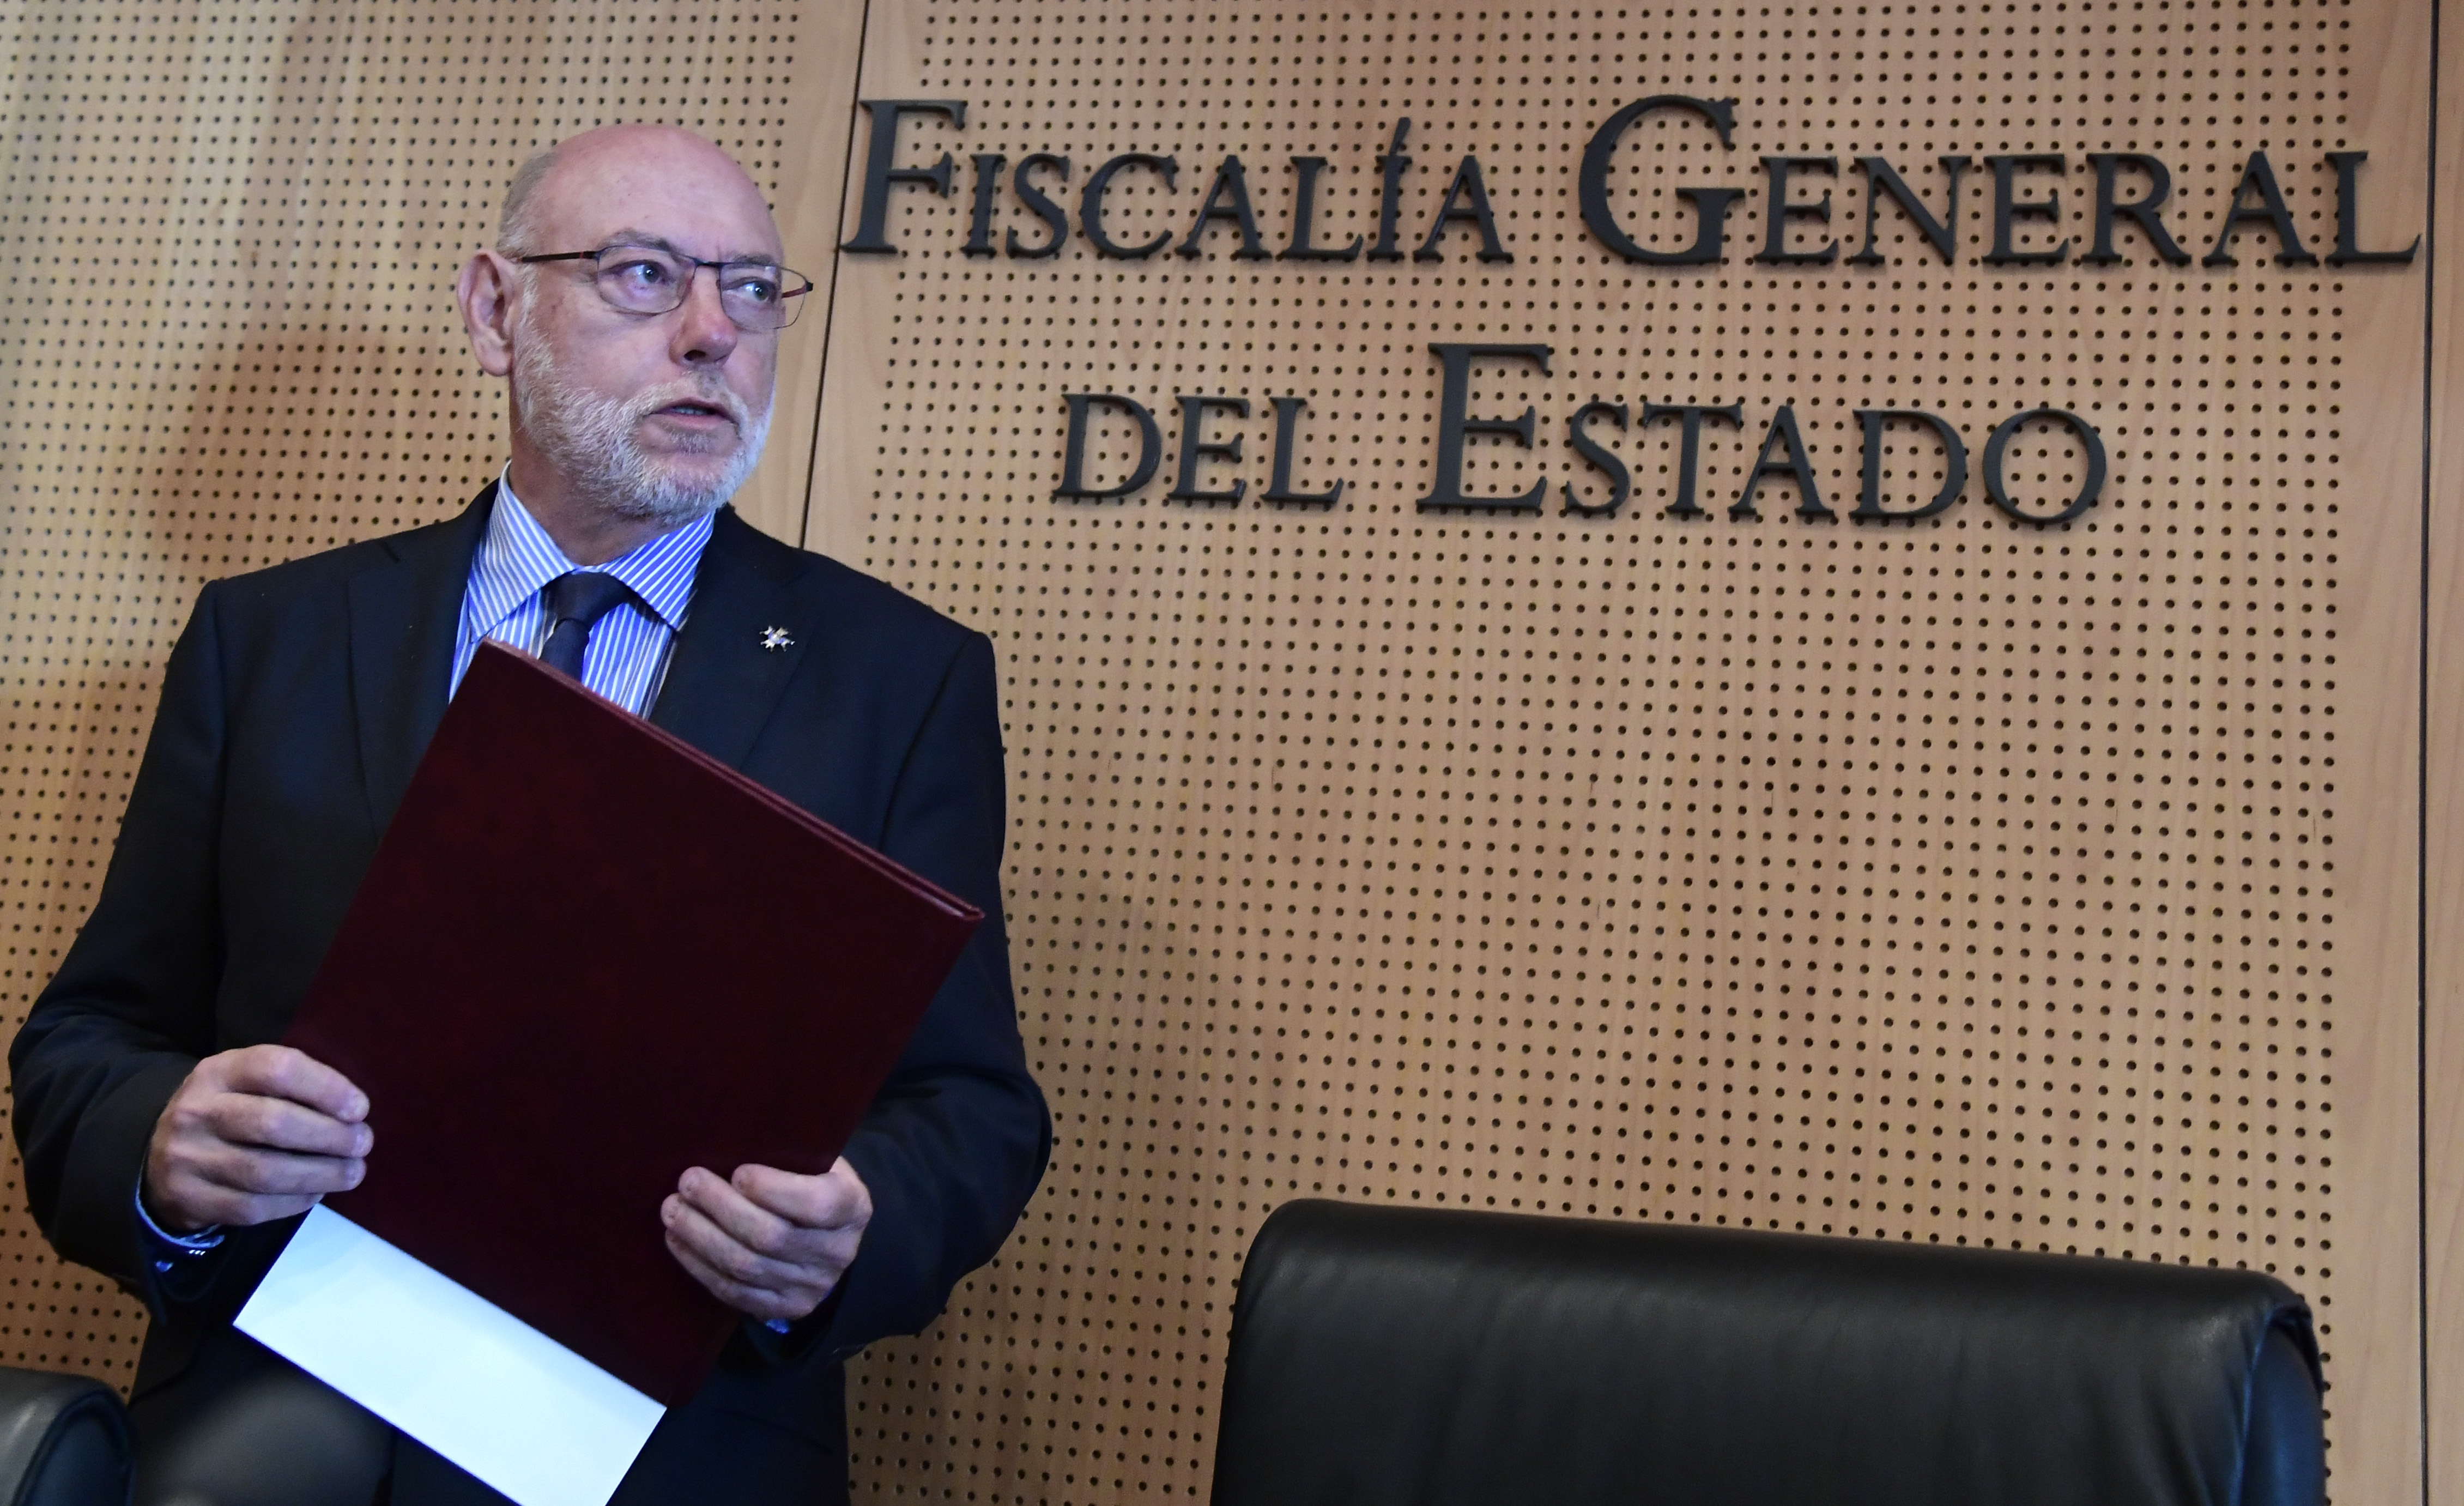 Lázadás miatt emelne vádat a katalán vezetők ellen a spanyol főügyész